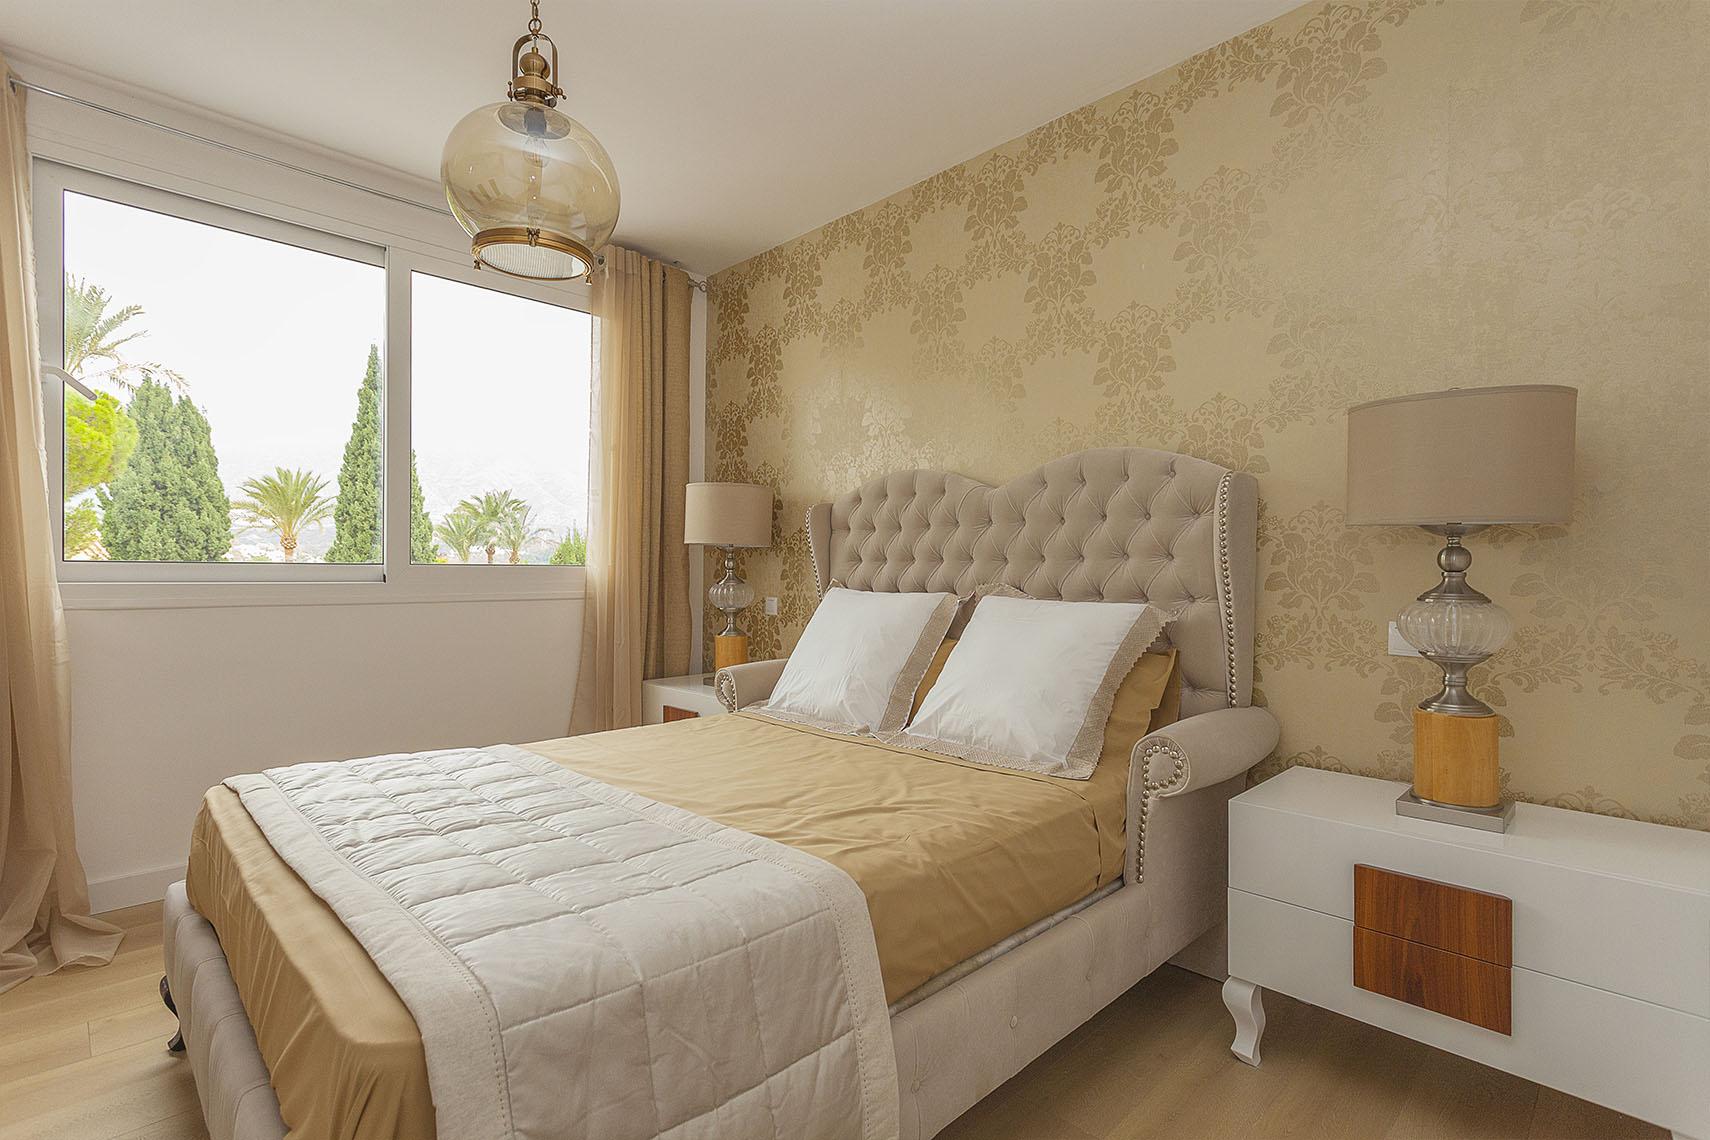 fotografo-inmobiliaria-realestate-marbella-villa-nueva-andalucia-banus